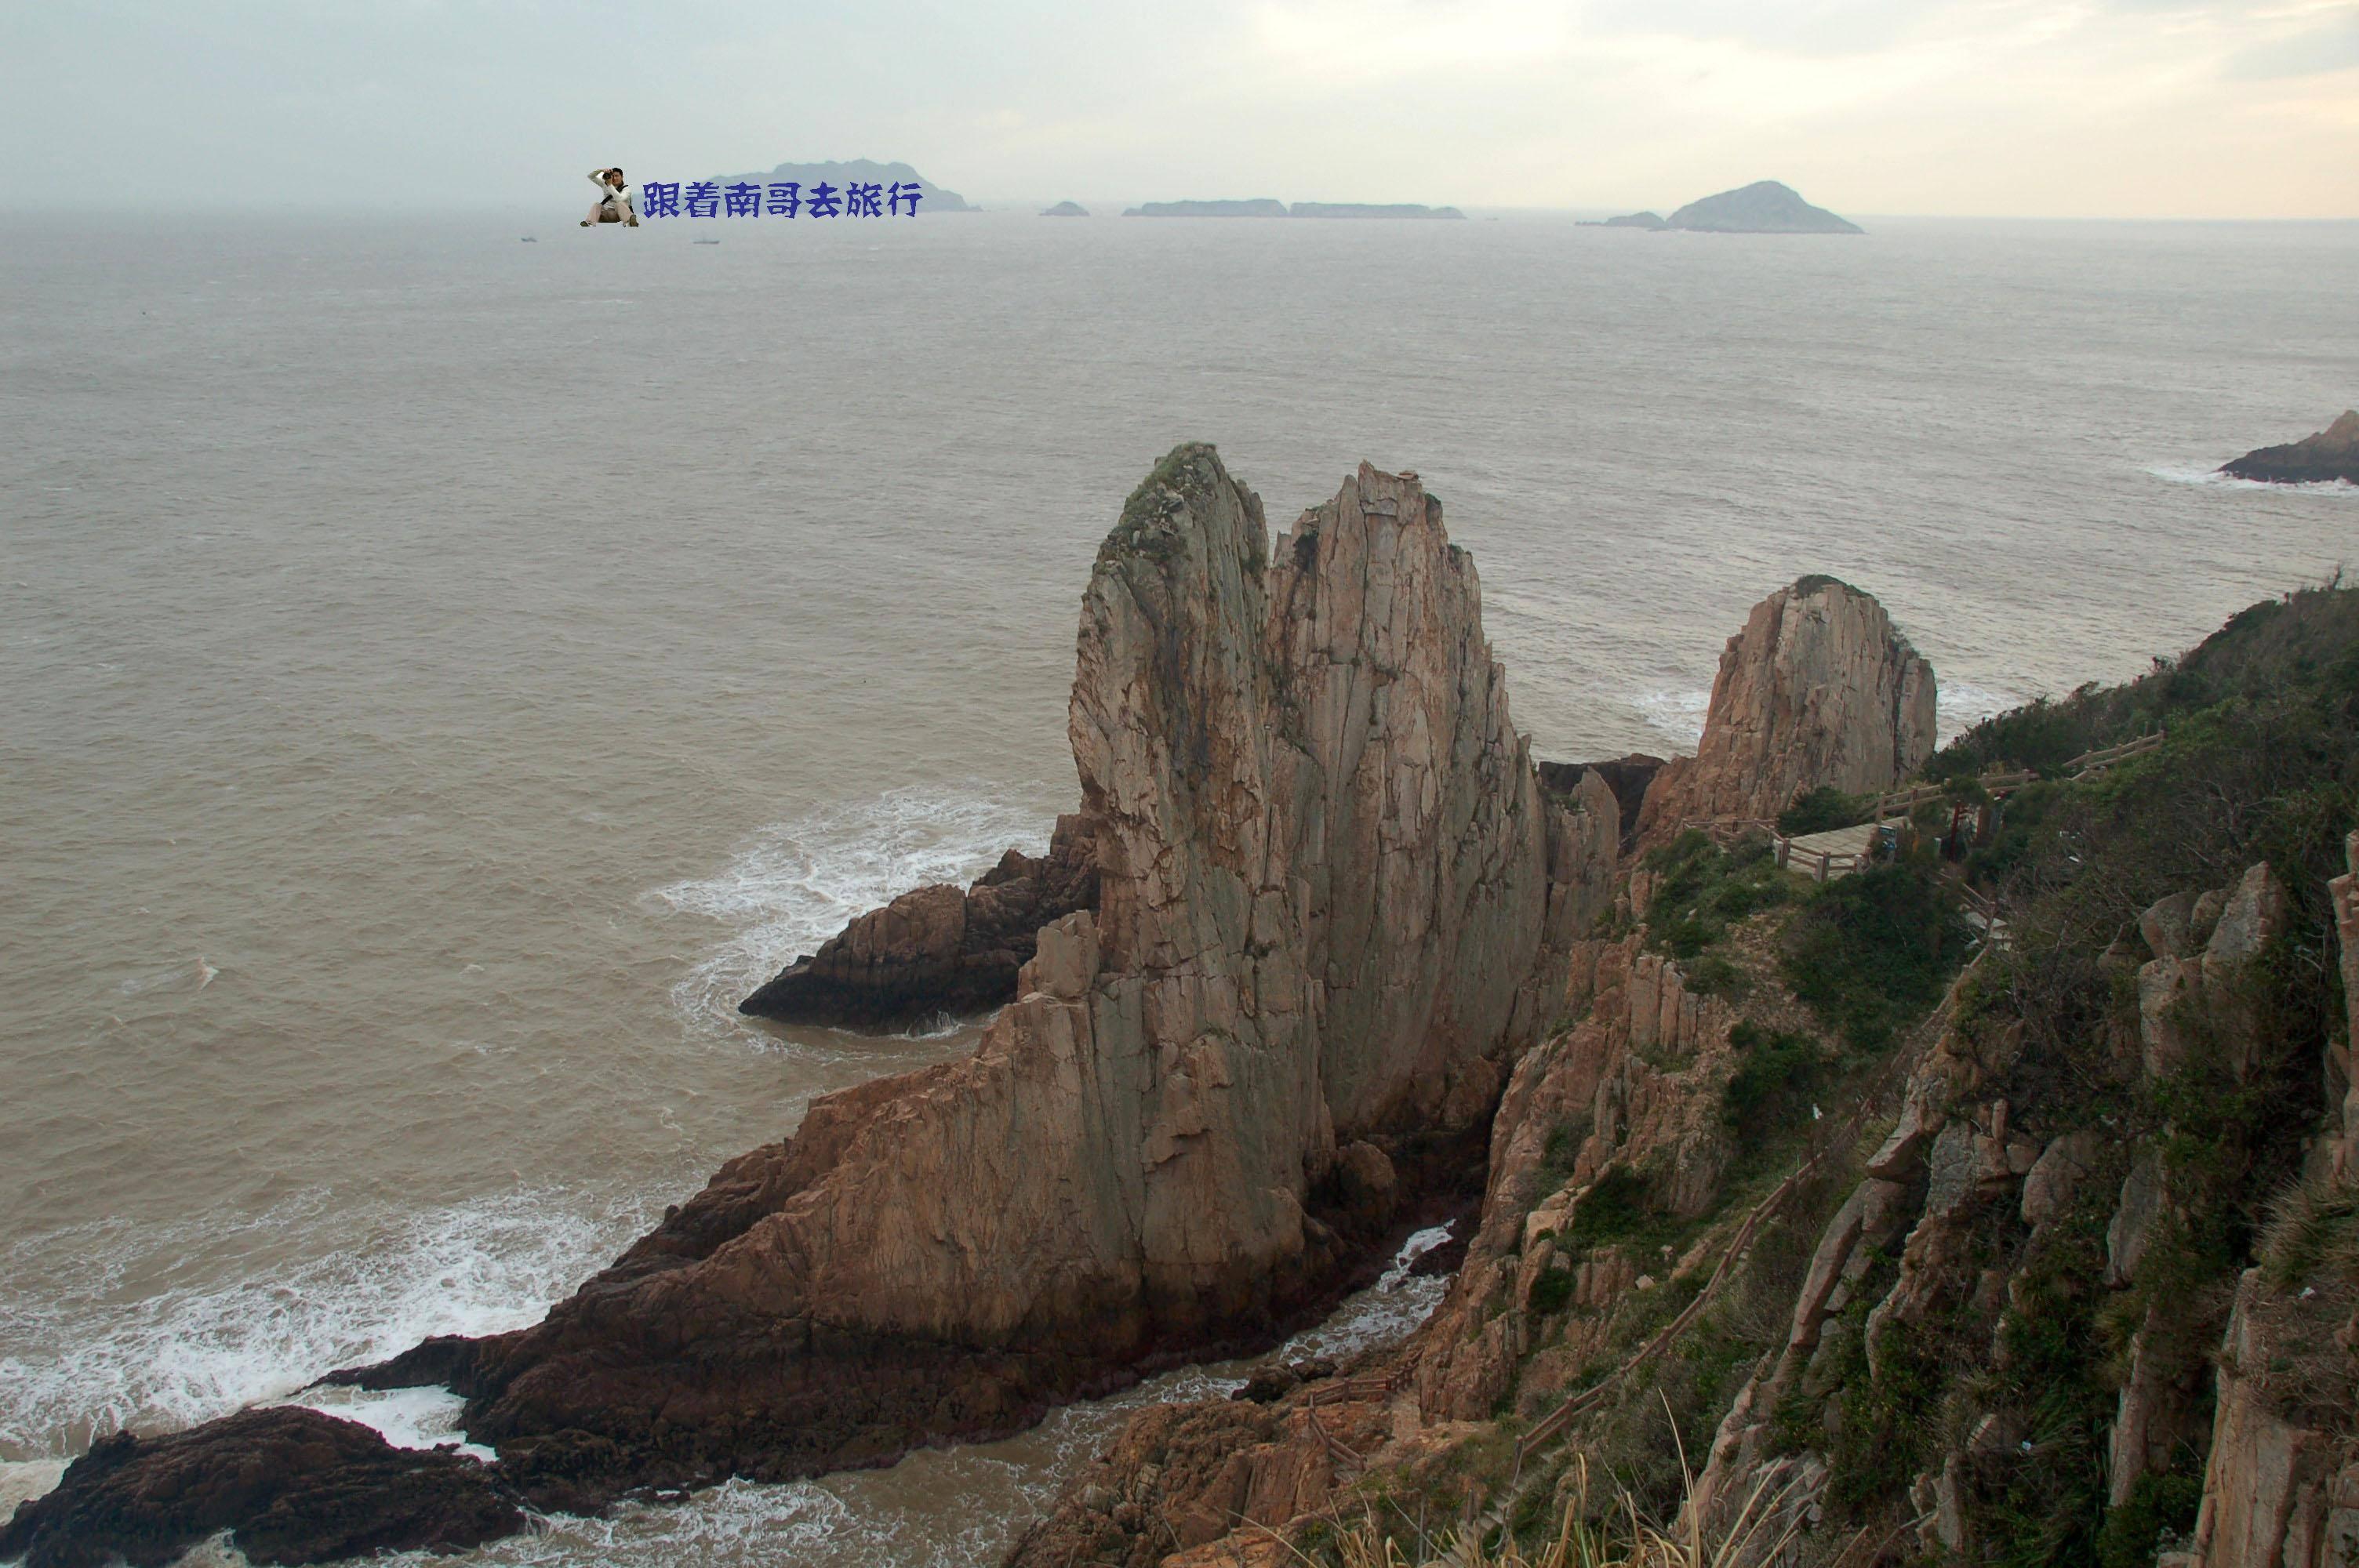 浙江大陈岛所有景区免费,最著名景点经常被误认为和一场海战有关